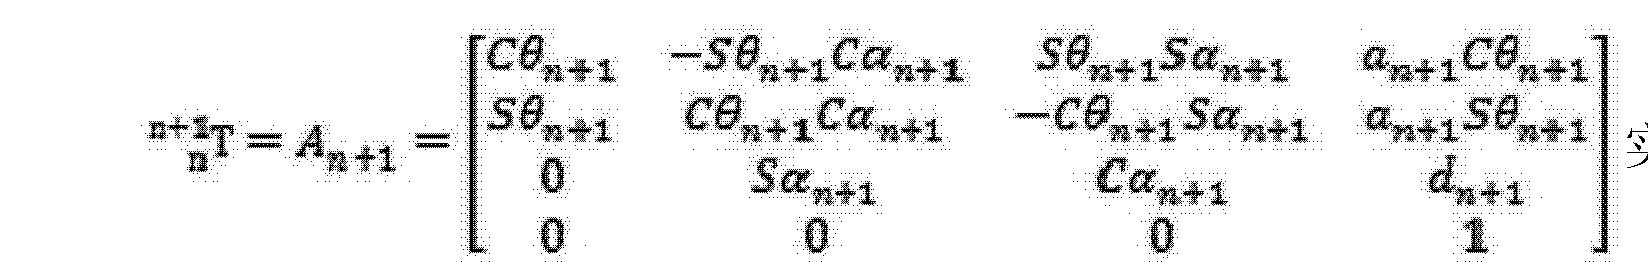 Figure CN104002307AC00031